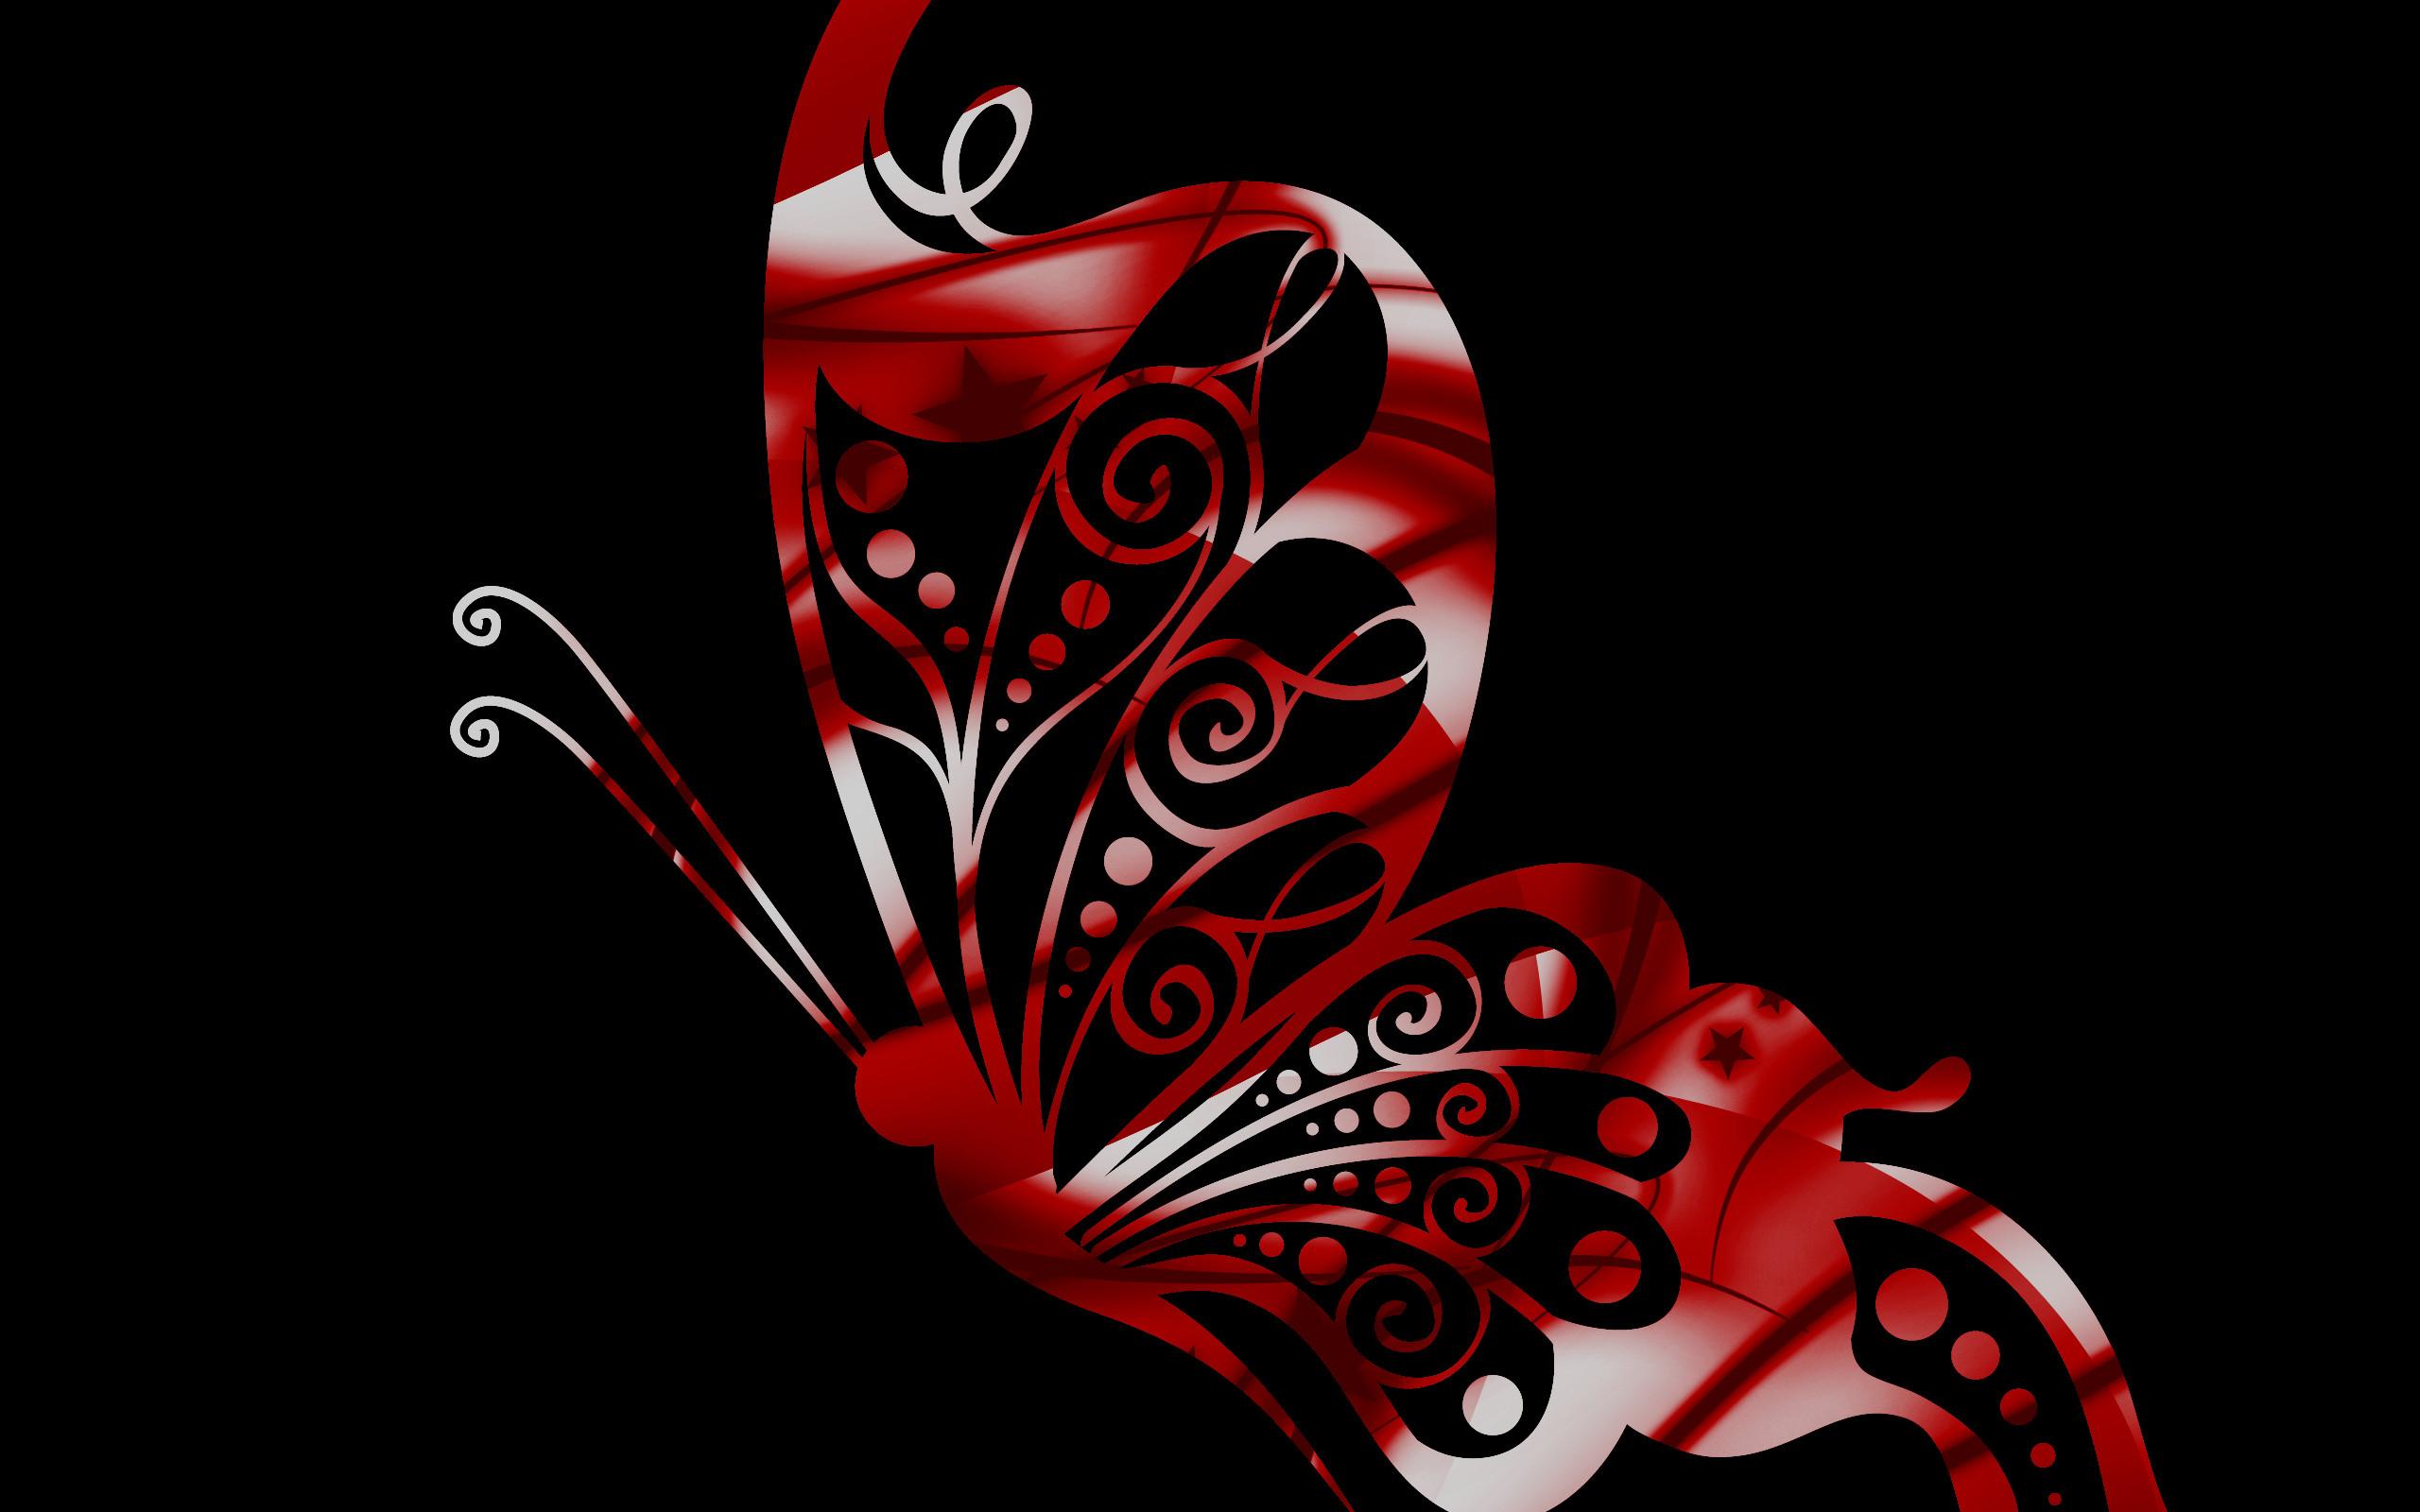 Butterfly Wallpaper by jeshans Butterfly Wallpaper by jeshans